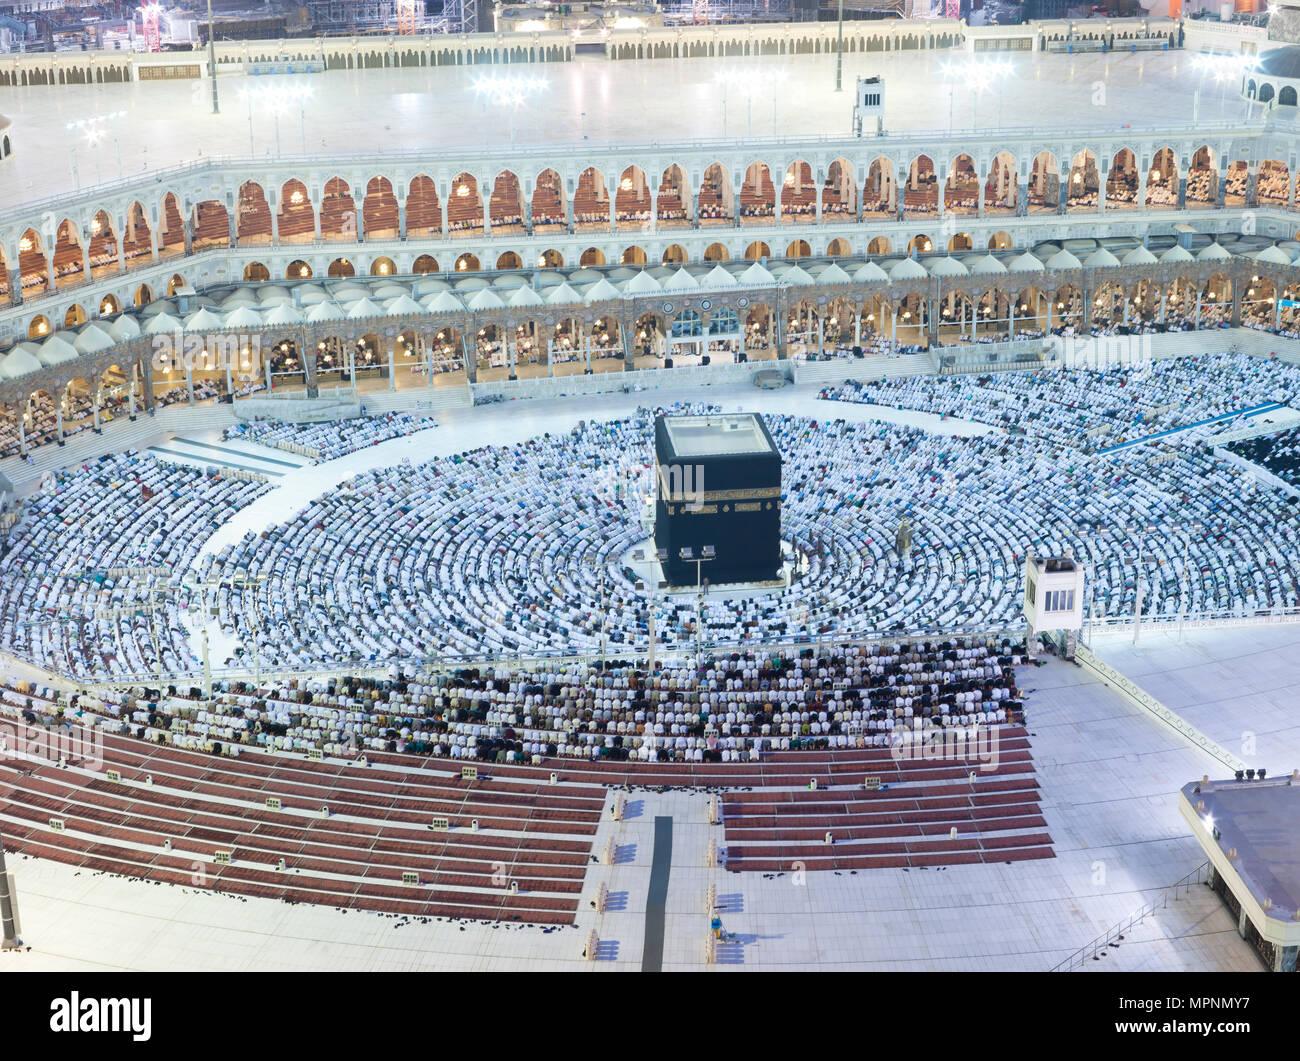 Kaaba Saudi Arabia Pray Stock Photos & Kaaba Saudi Arabia